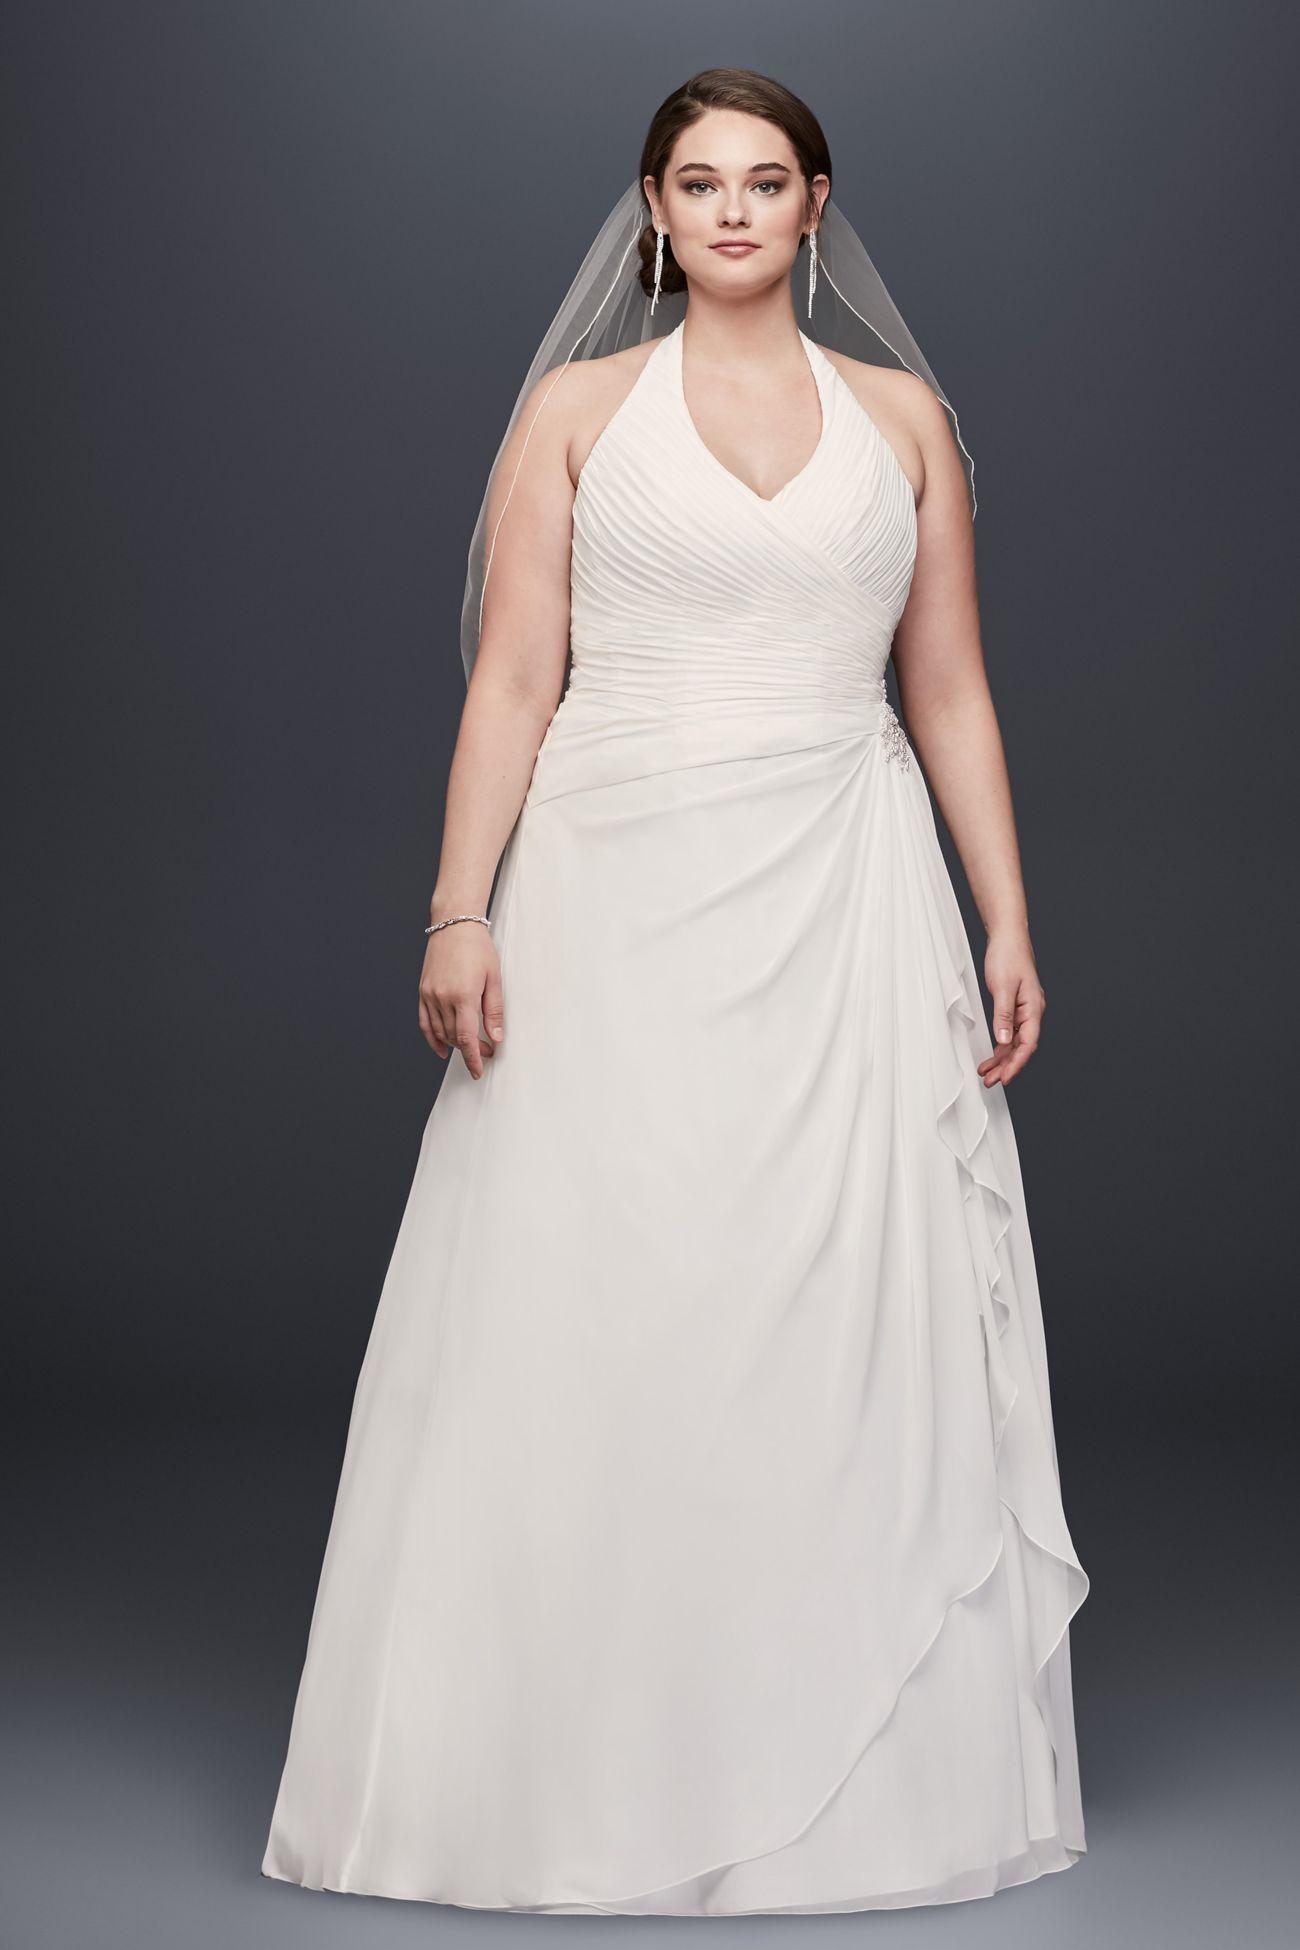 Op wedding pinterest wedding dress gowns and weddings